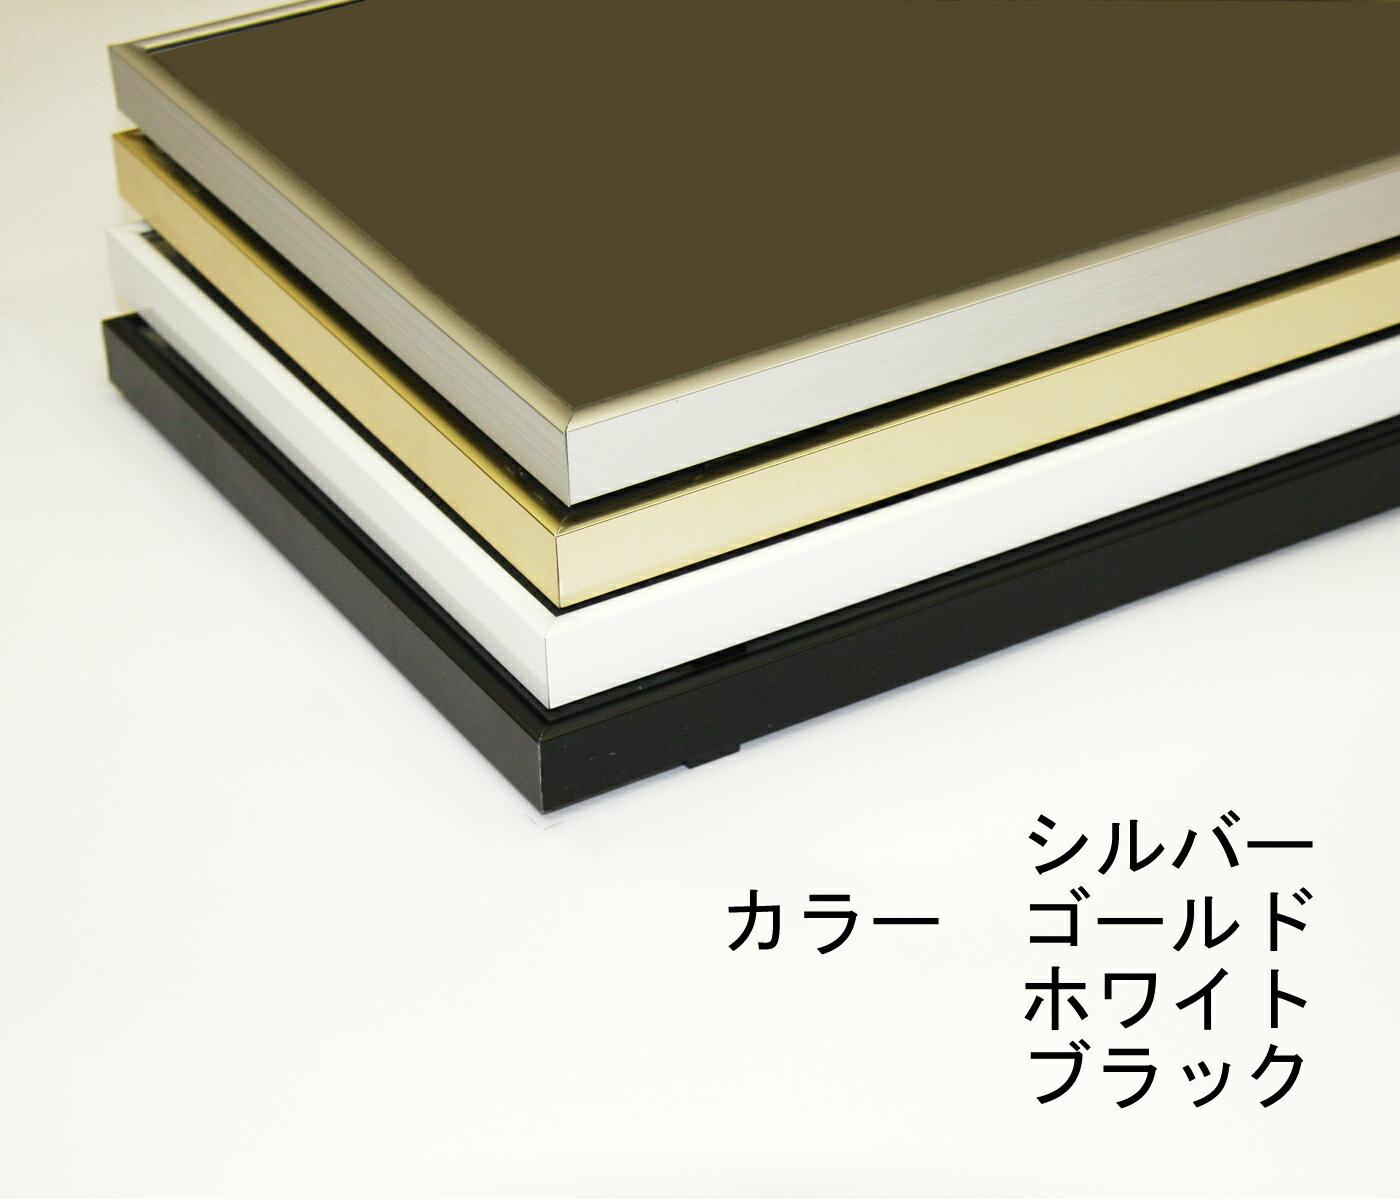 B3(サイズ364×515mm)厚みのあるシンプルフレームのポスターフレーム・パネル・額縁(B3/ポスターフレーム/ポスター/額/額縁/額ぶち/パネル/フレーム/ポスターパネル/アルミ/フレームb3)